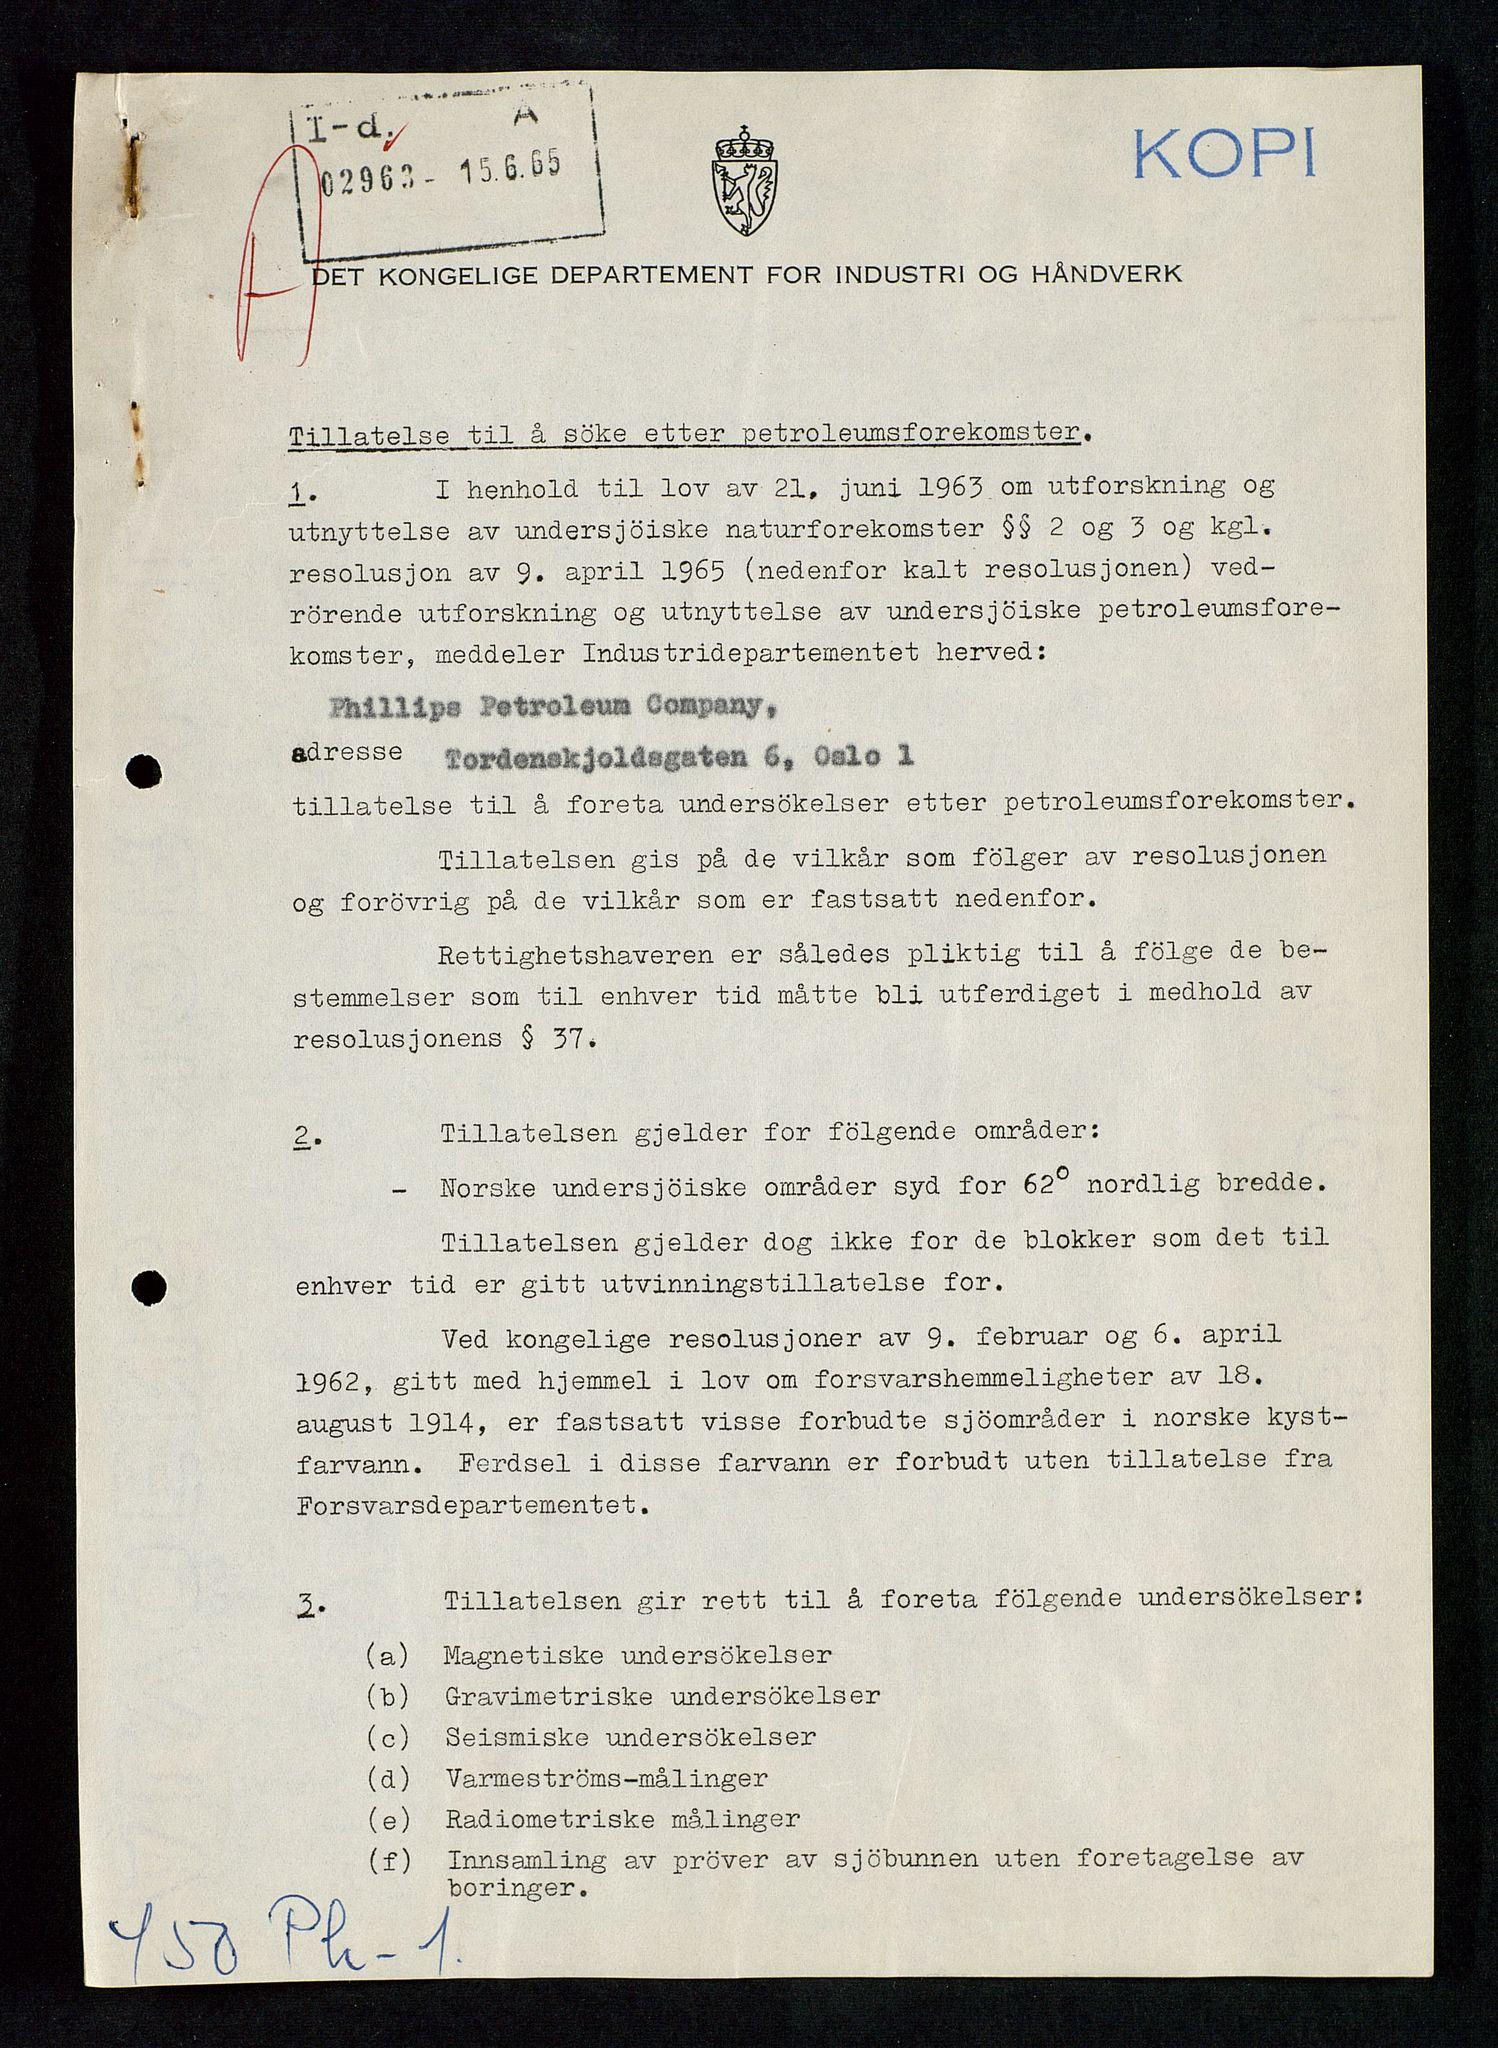 SAST, Industridepartementet, Oljekontoret, Da/L0003: Arkivnøkkel 711 Undersøkelser og utforskning, 1963-1971, s. 116